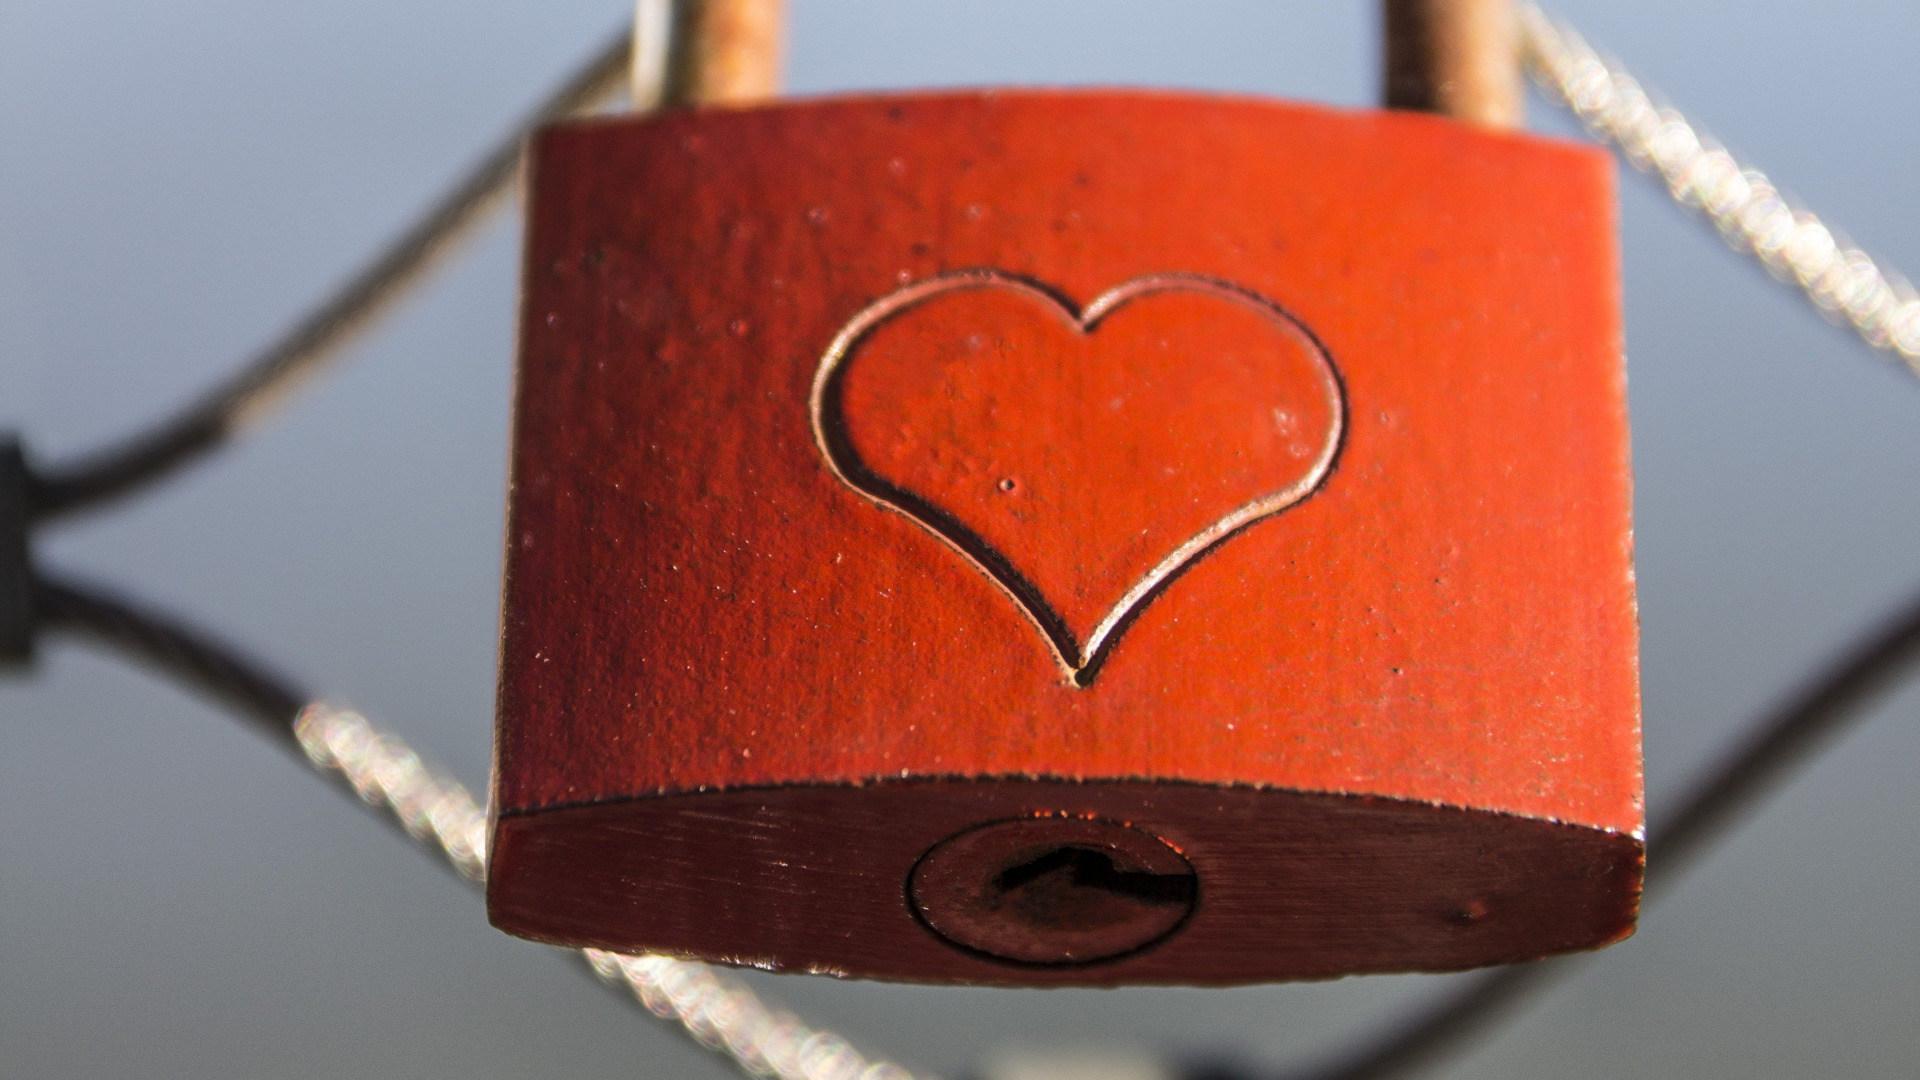 Sicherheit, schloss, Valentinstag, Liebe, Herz